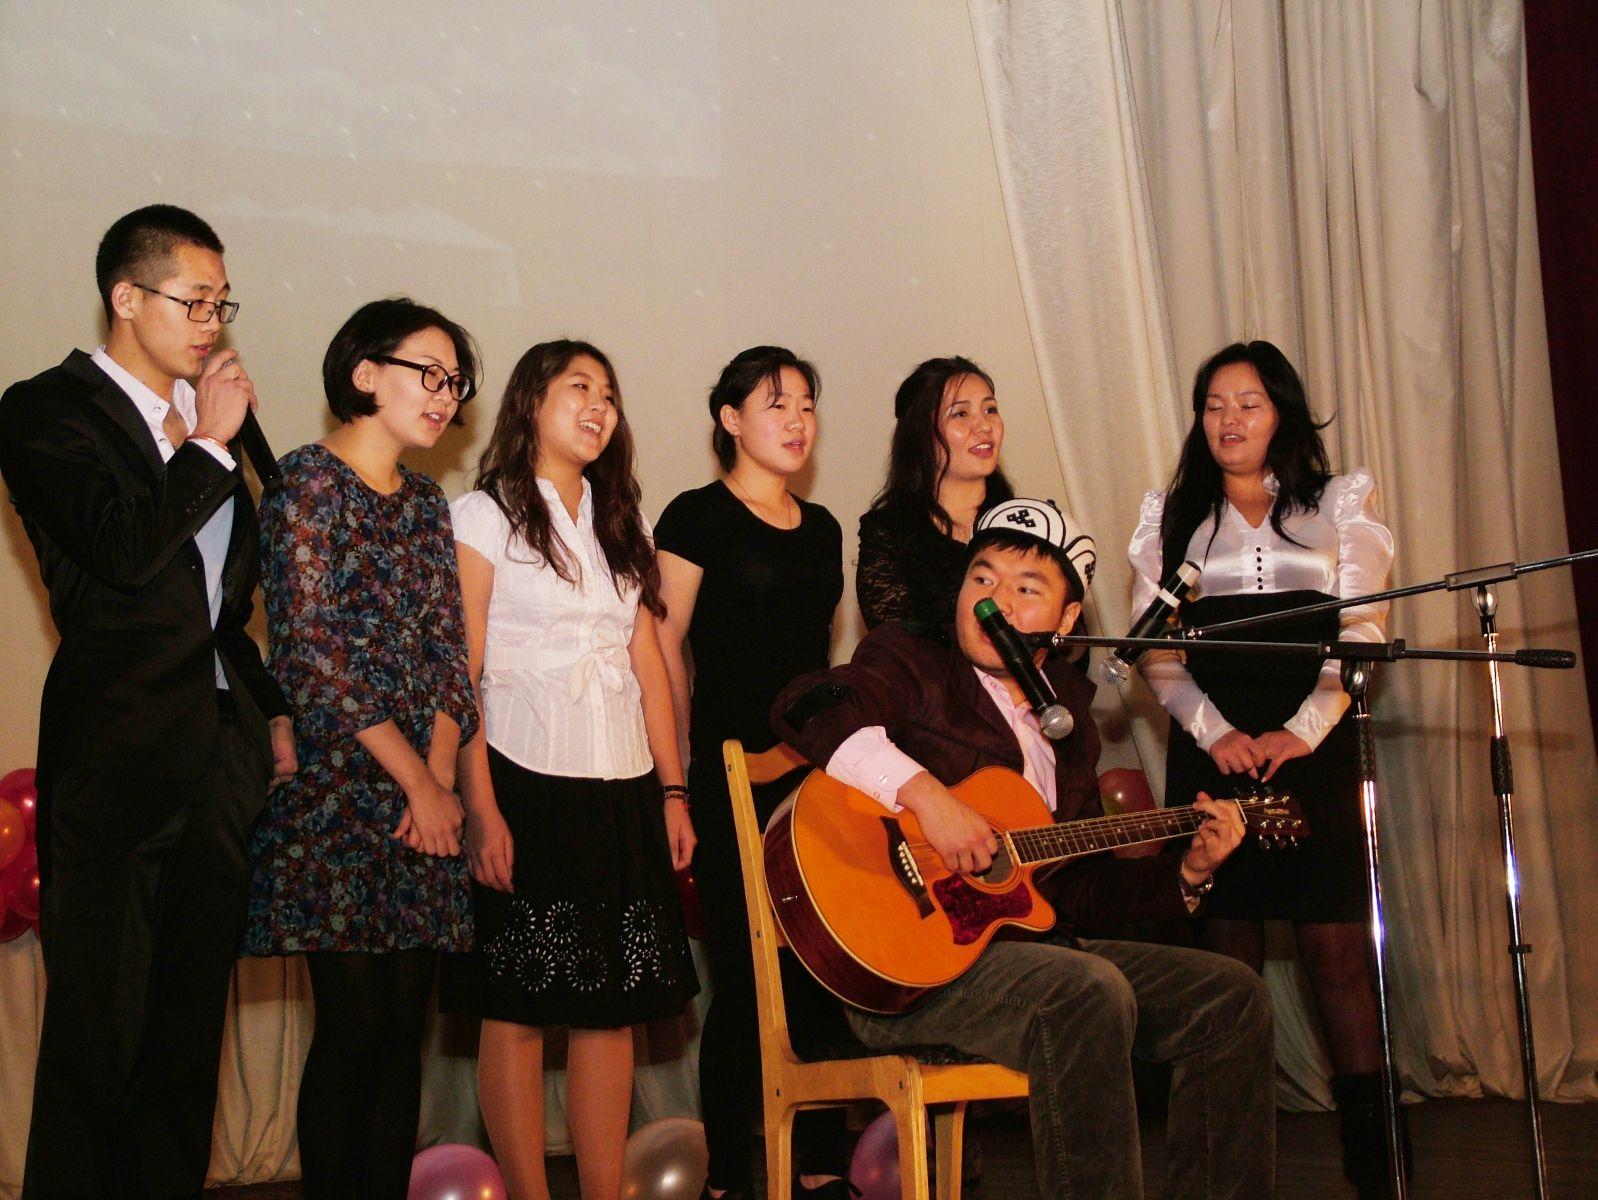 Ректор нгасу (сибстрин) встретился со школьниками